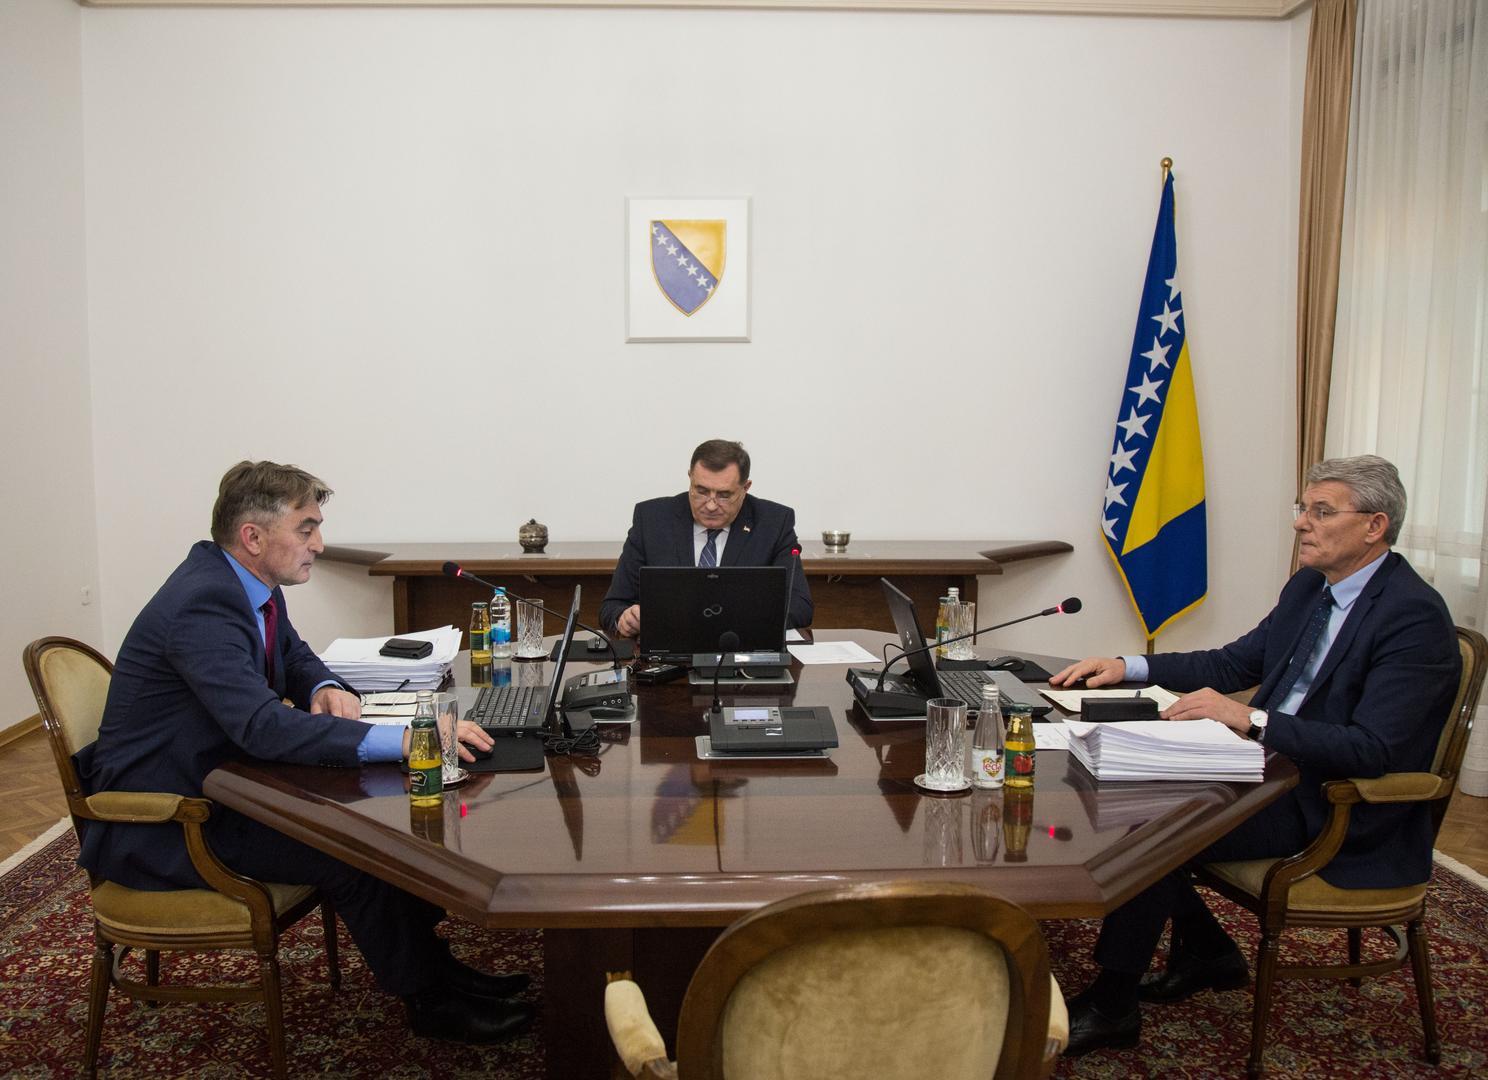 Samo sukobi: Predsjedništvo BiH bez vizije, ali i kompromisa